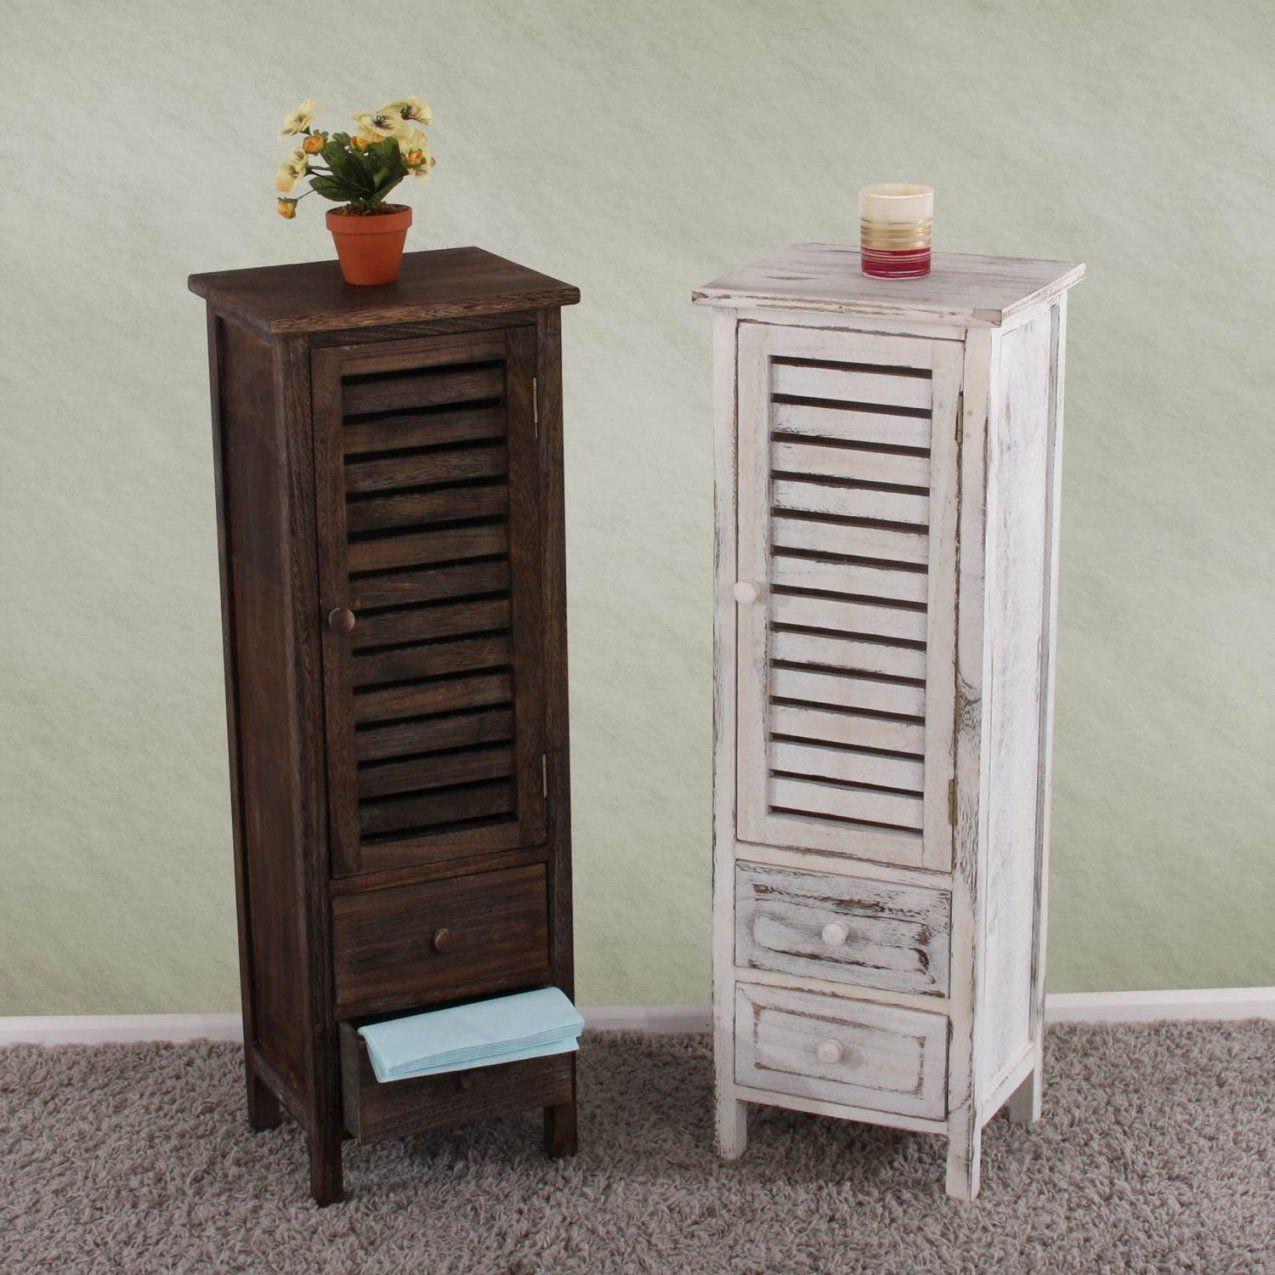 nachttisch 20 cm breit nachttisch naia wei hochglanz with von kommode 20 cm breit bild haus. Black Bedroom Furniture Sets. Home Design Ideas